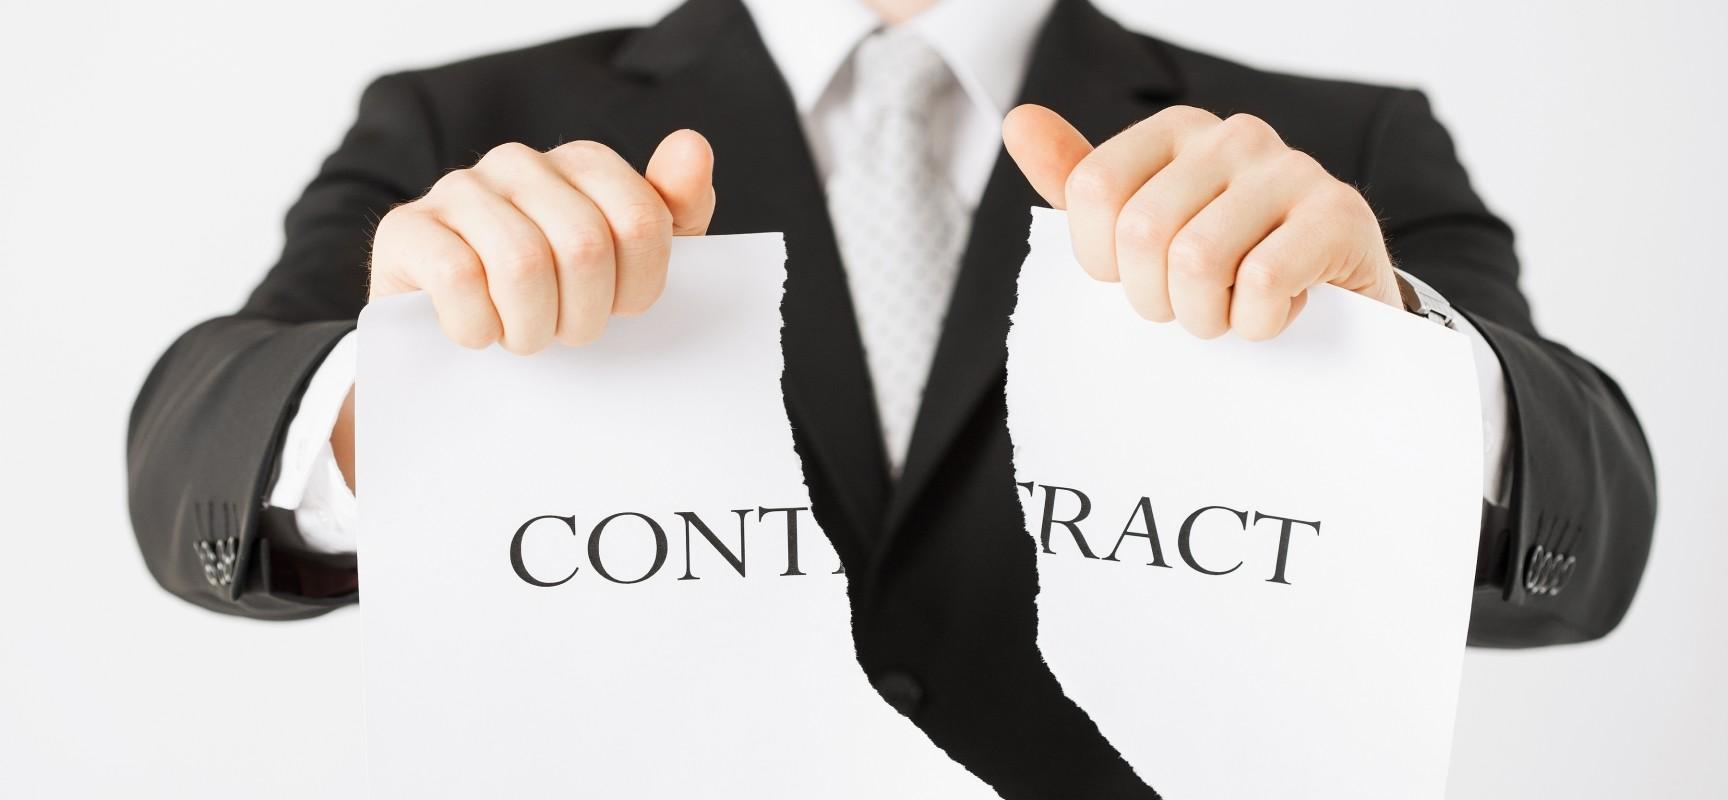 Прекращение трудовых отношений по соглашению сторон